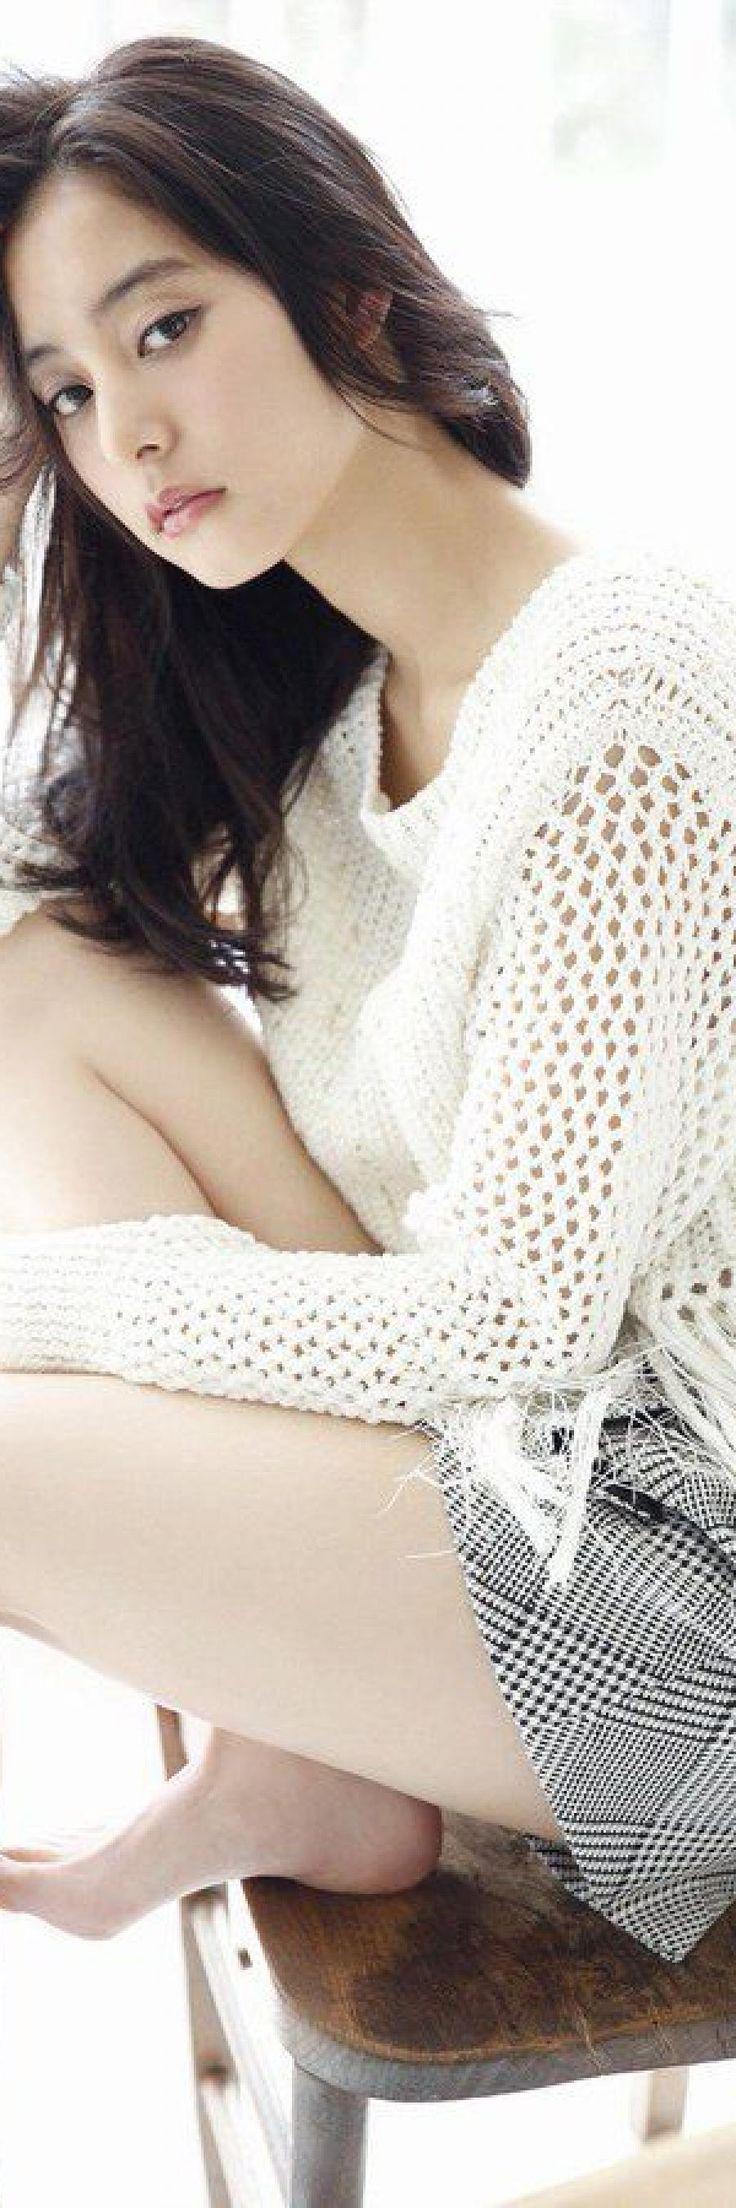 新木優子」のおすすめ画像 27 件   Pinterest   美しい女性、アジア ... 2700x900